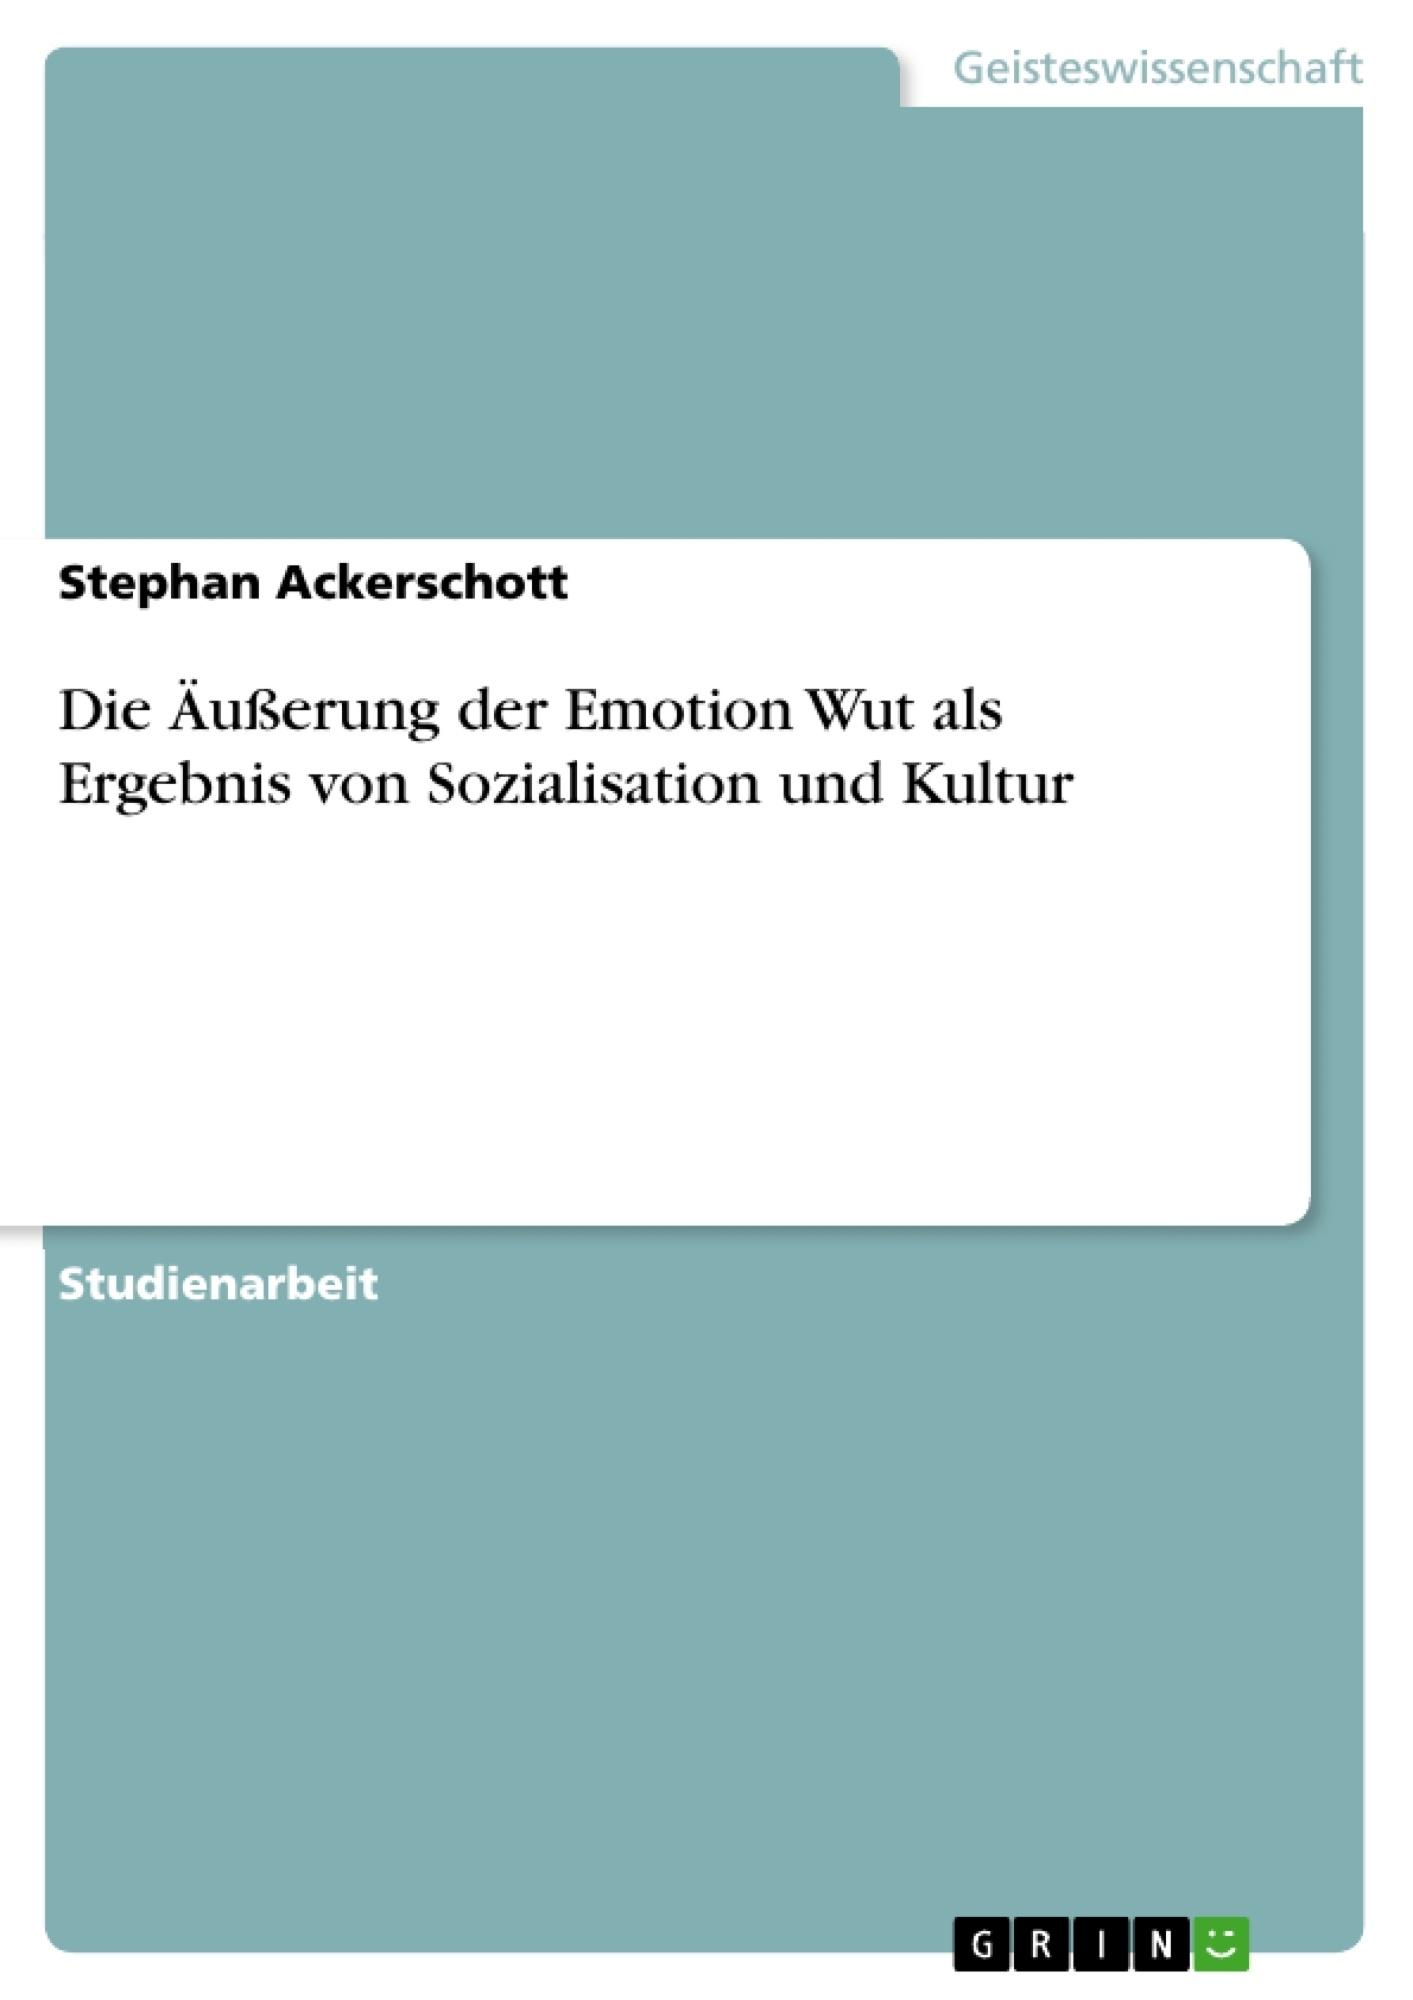 Titel: Die Äußerung der Emotion Wut als Ergebnis von Sozialisation und Kultur